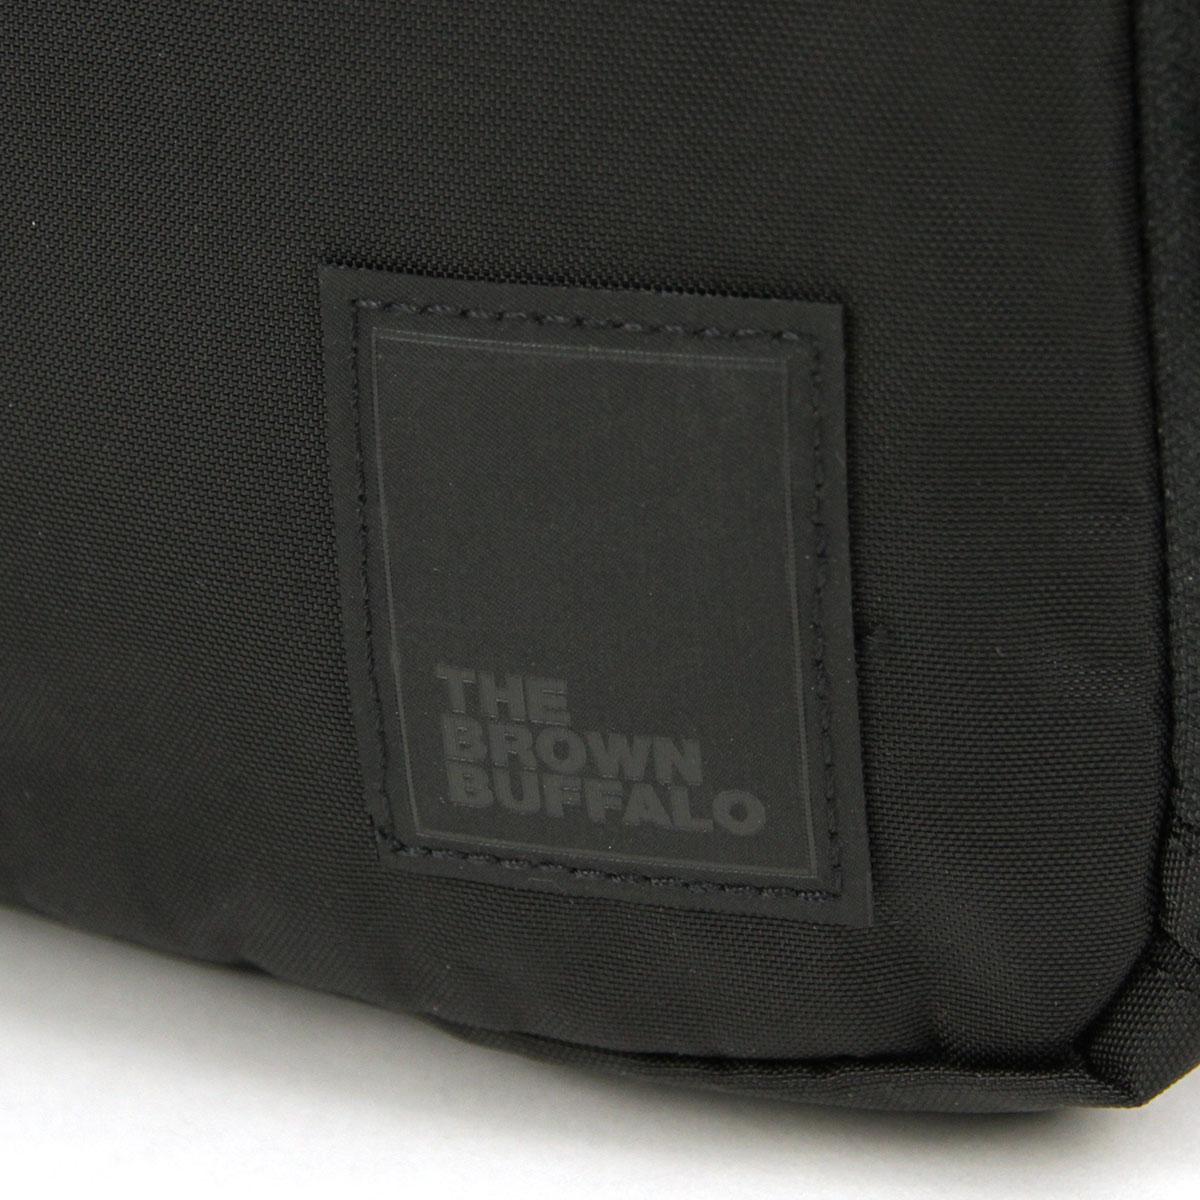 ザ ブラウン バッファロー バッグ メンズ レディース 正規販売店 THE BROWN BUFFALO ショルダーバッグ ボディバッグ CONCEALSLING BLACK F18CS420DBLK1 AA7B B3C C8D D4E E13F